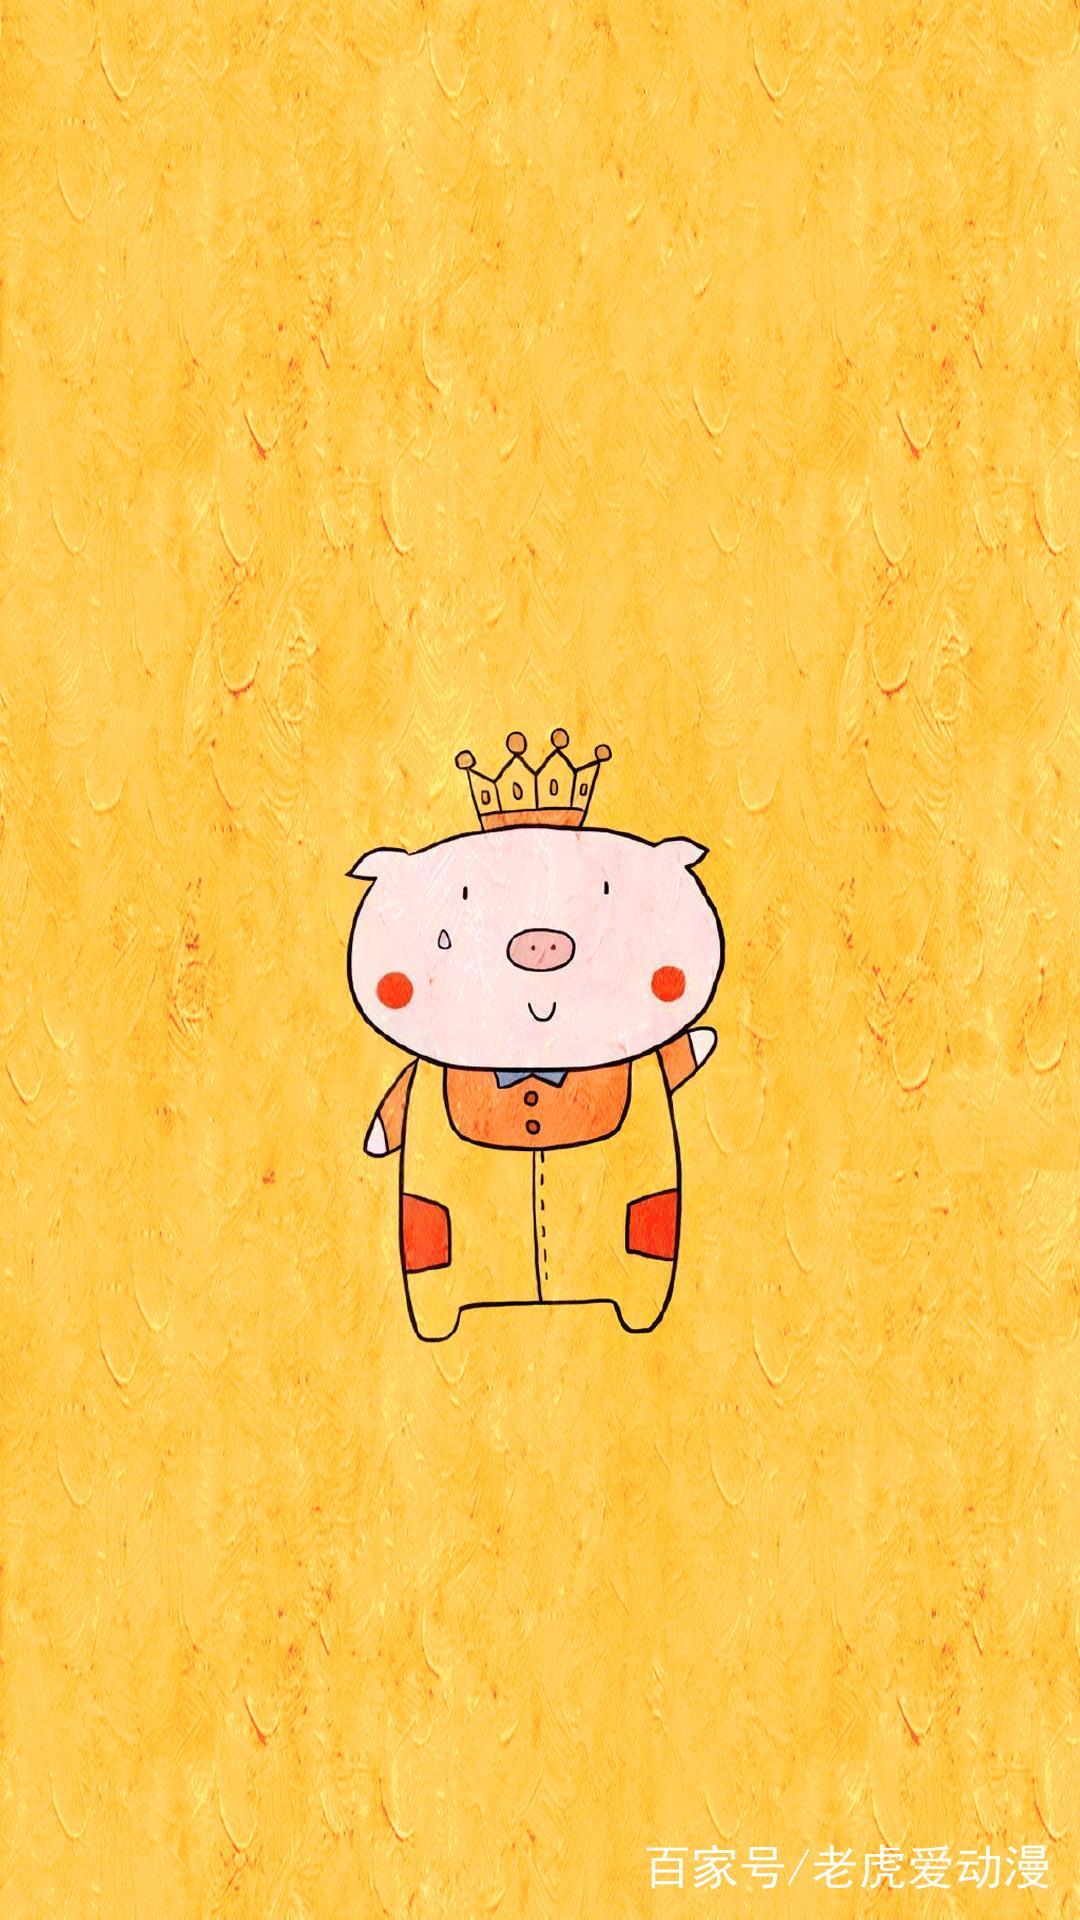 动漫壁纸:猪年手机壁纸!呆萌可爱的小粉猪比佩奇还要